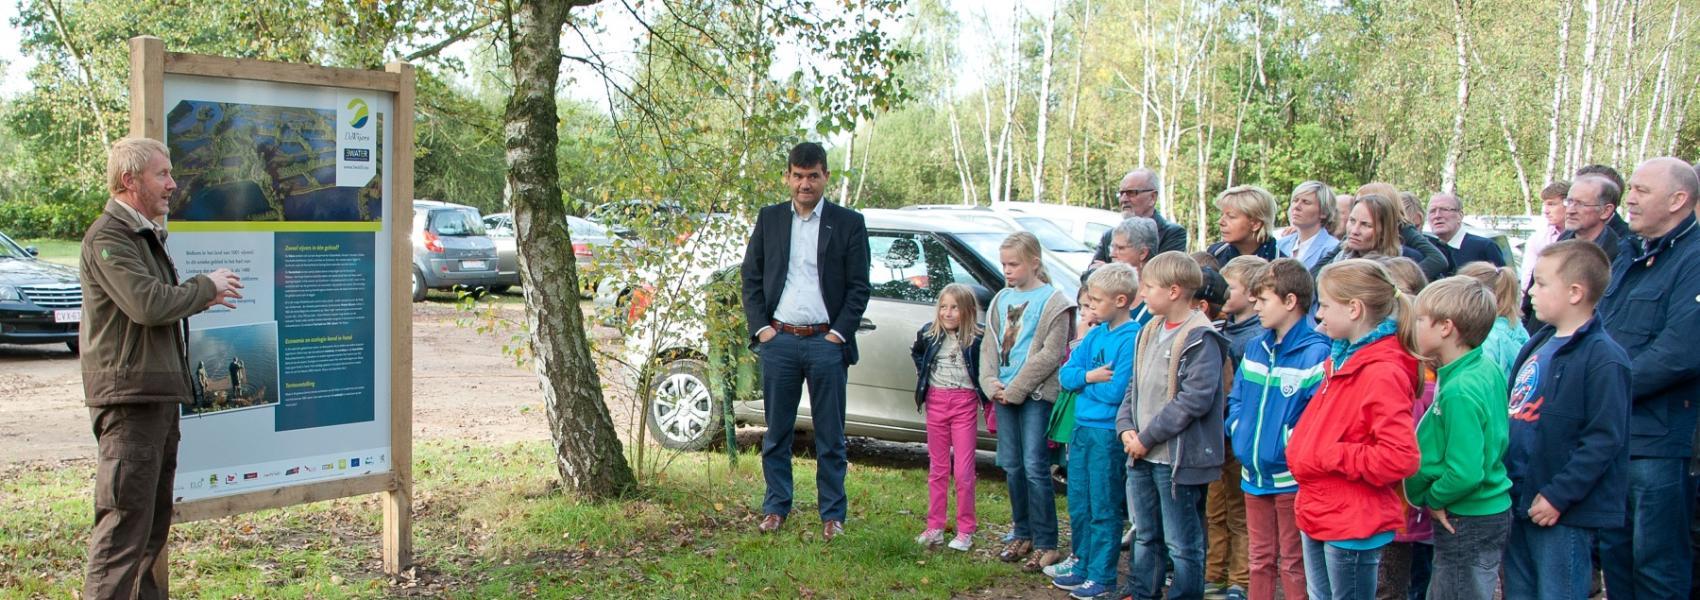 boswachter geeft uitleg aan een groep kinderen